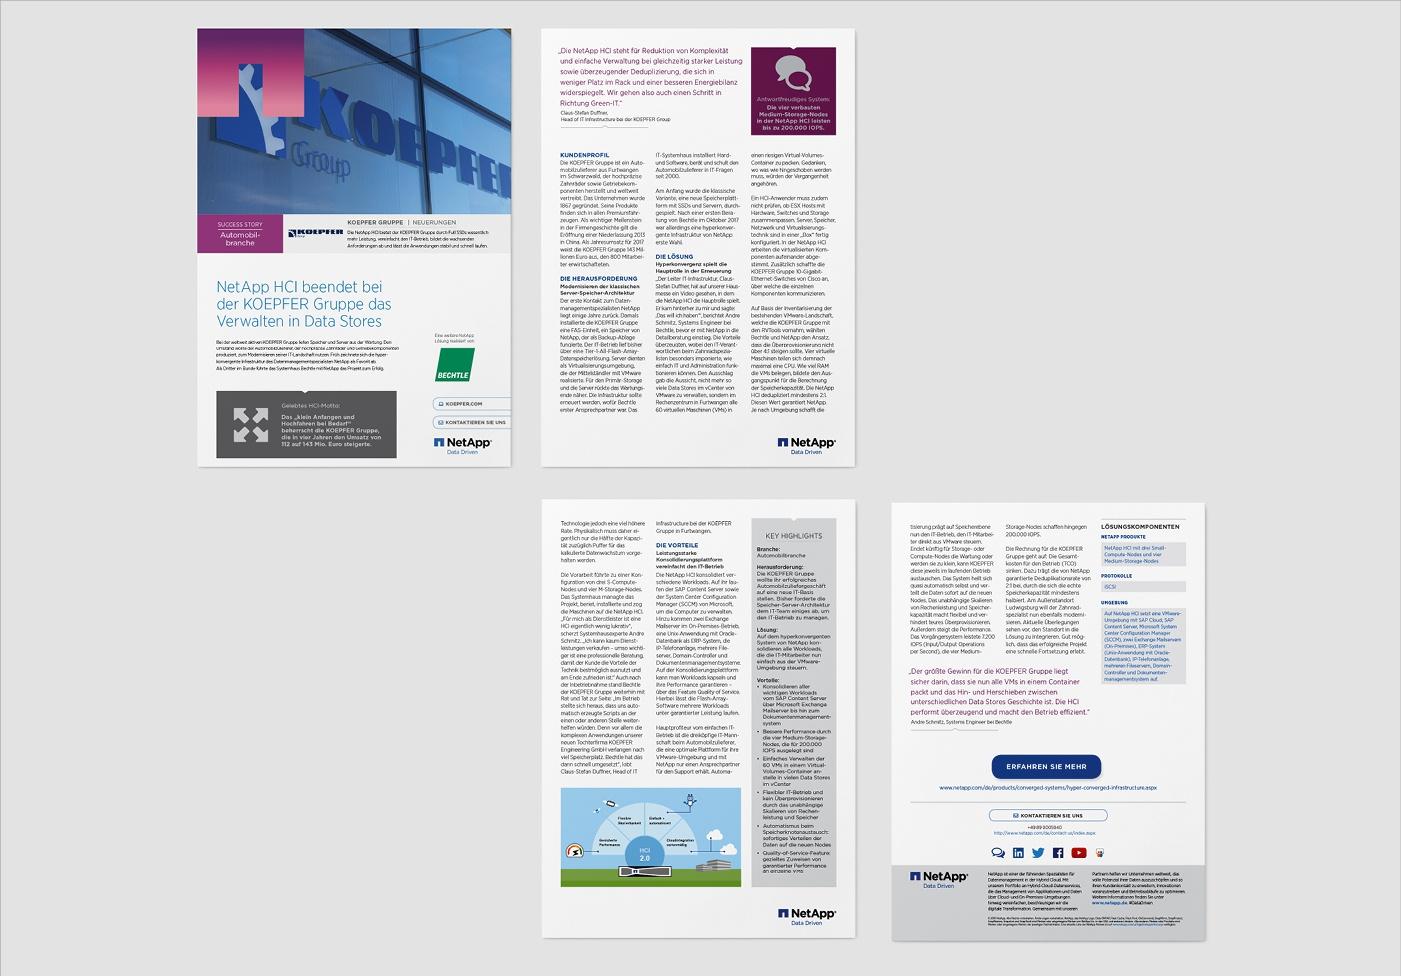 NetApp: Case Studies – Satz, Infografiken, interaktive PDFs, Kundenreferenzen, 4-Seitig, mit und ohne Infografiken